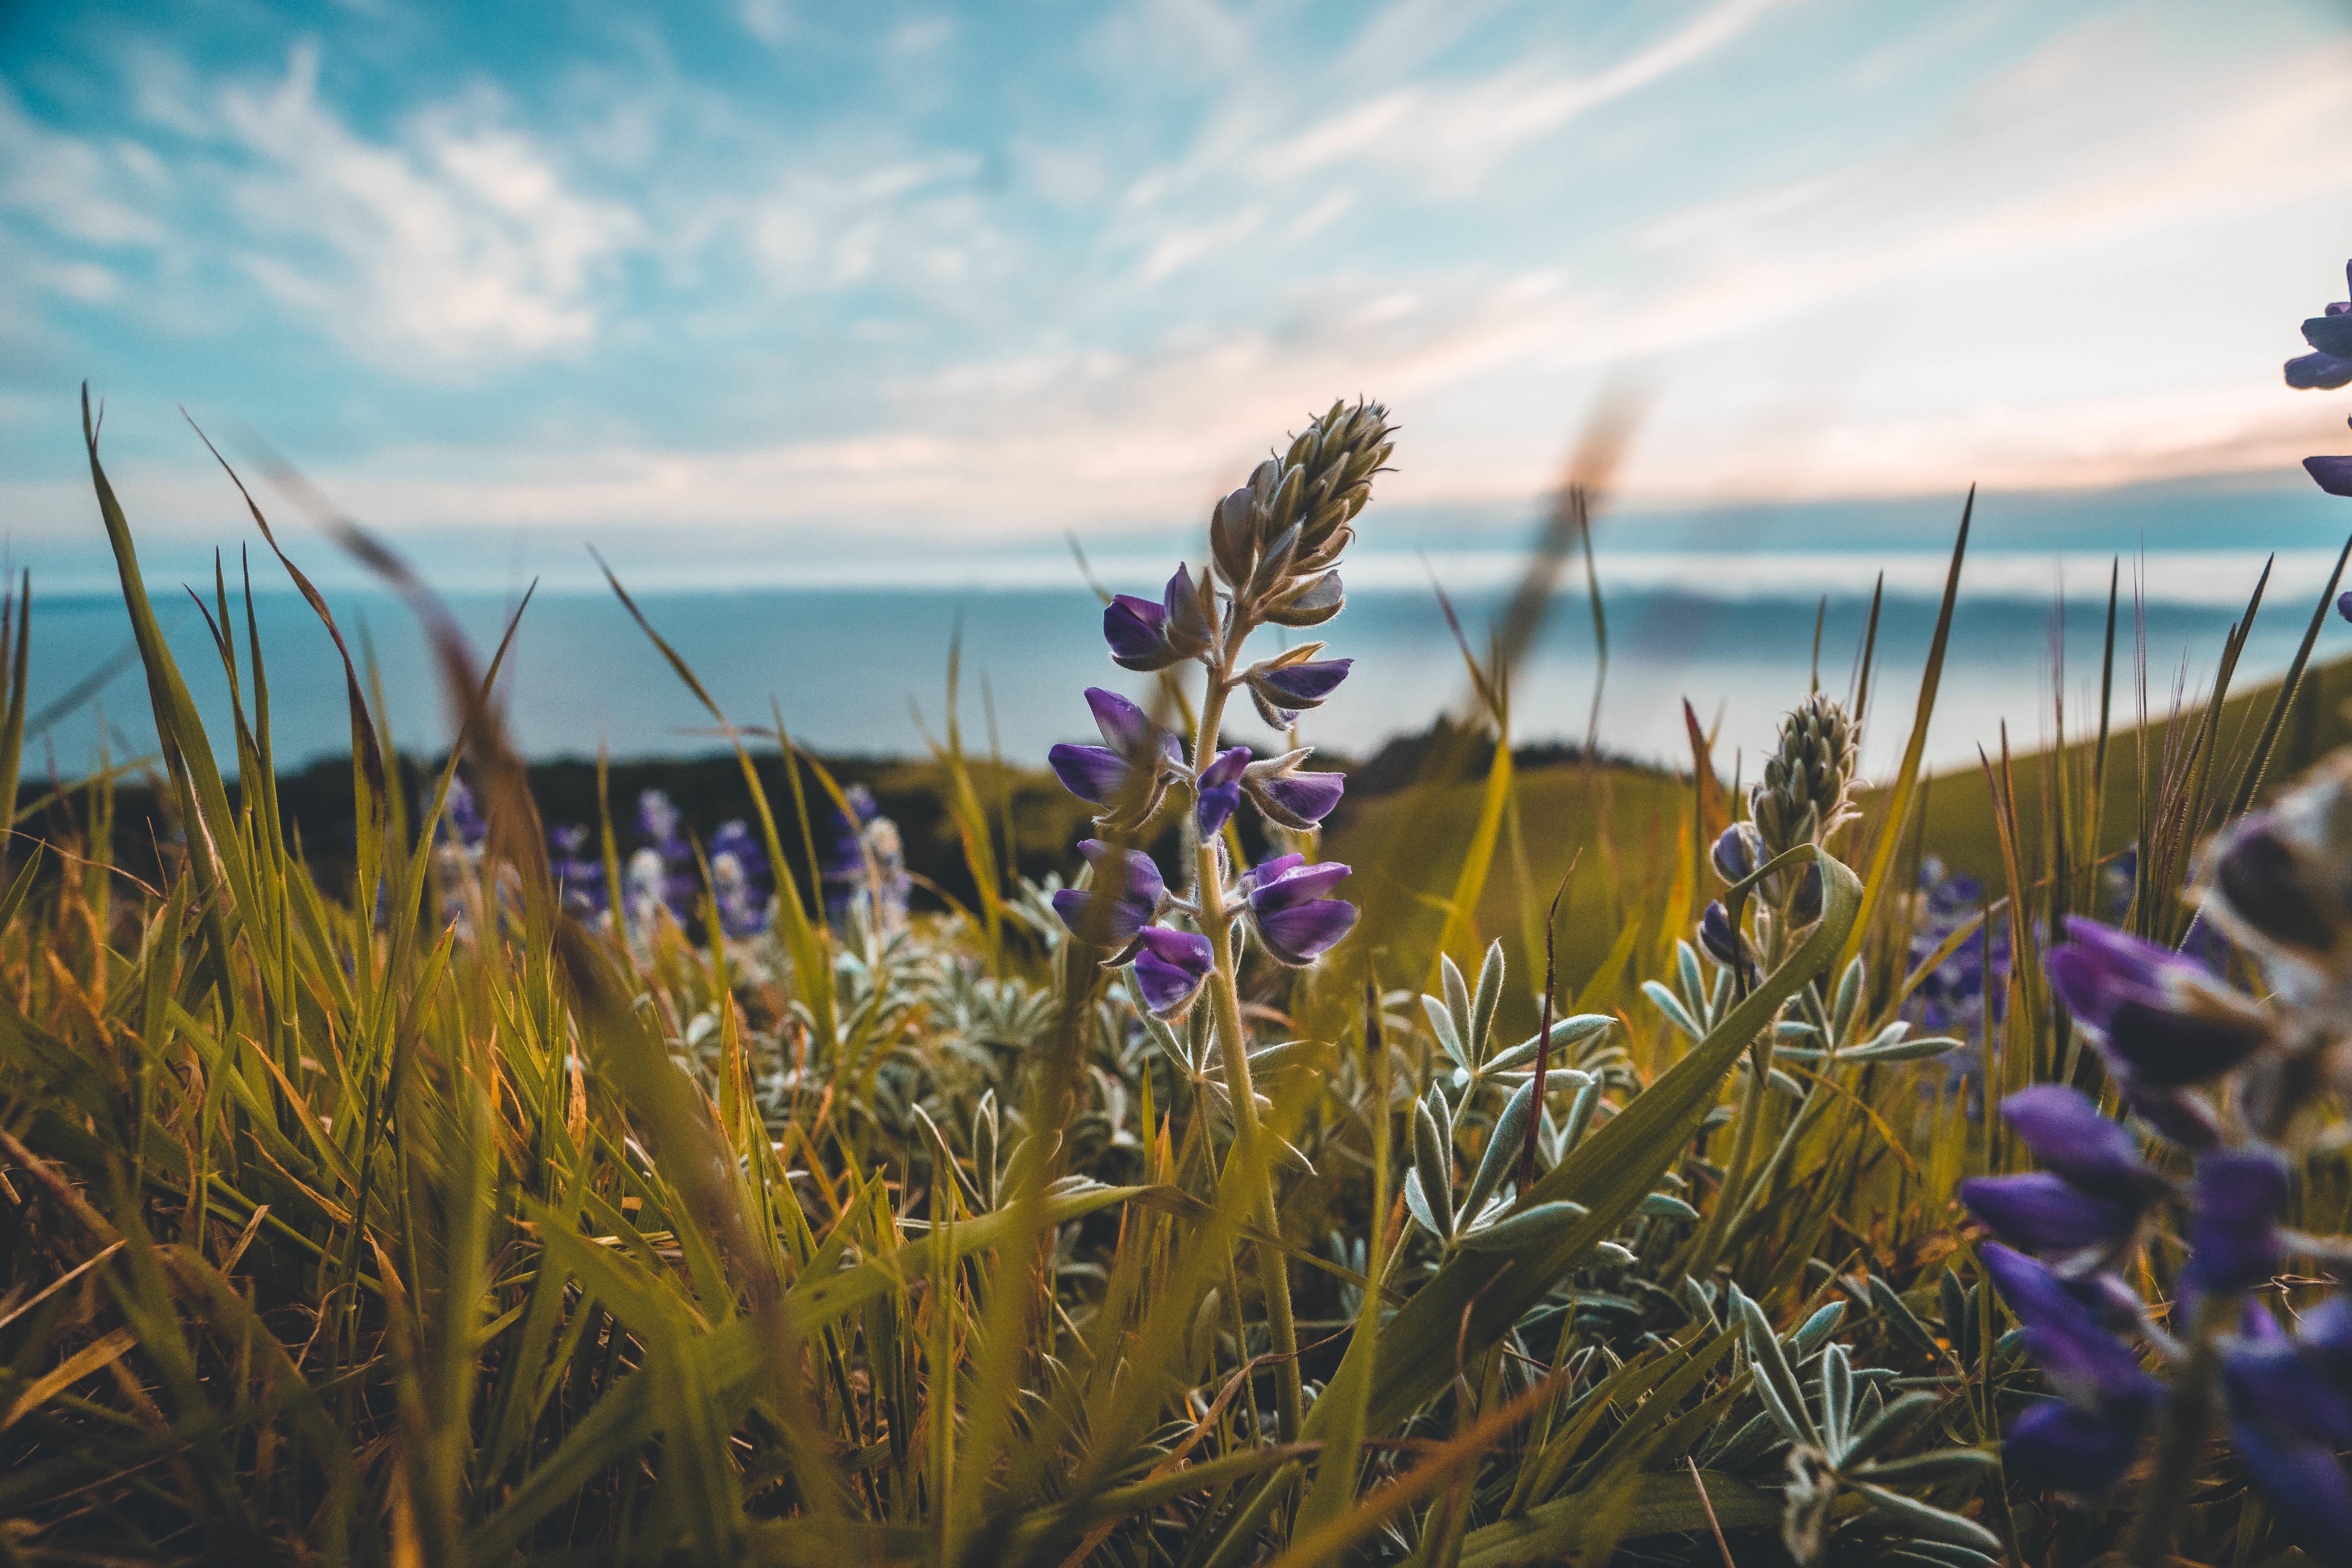 Školáci v Krkonoších pomáhali zachraňovat vzácné rostliny